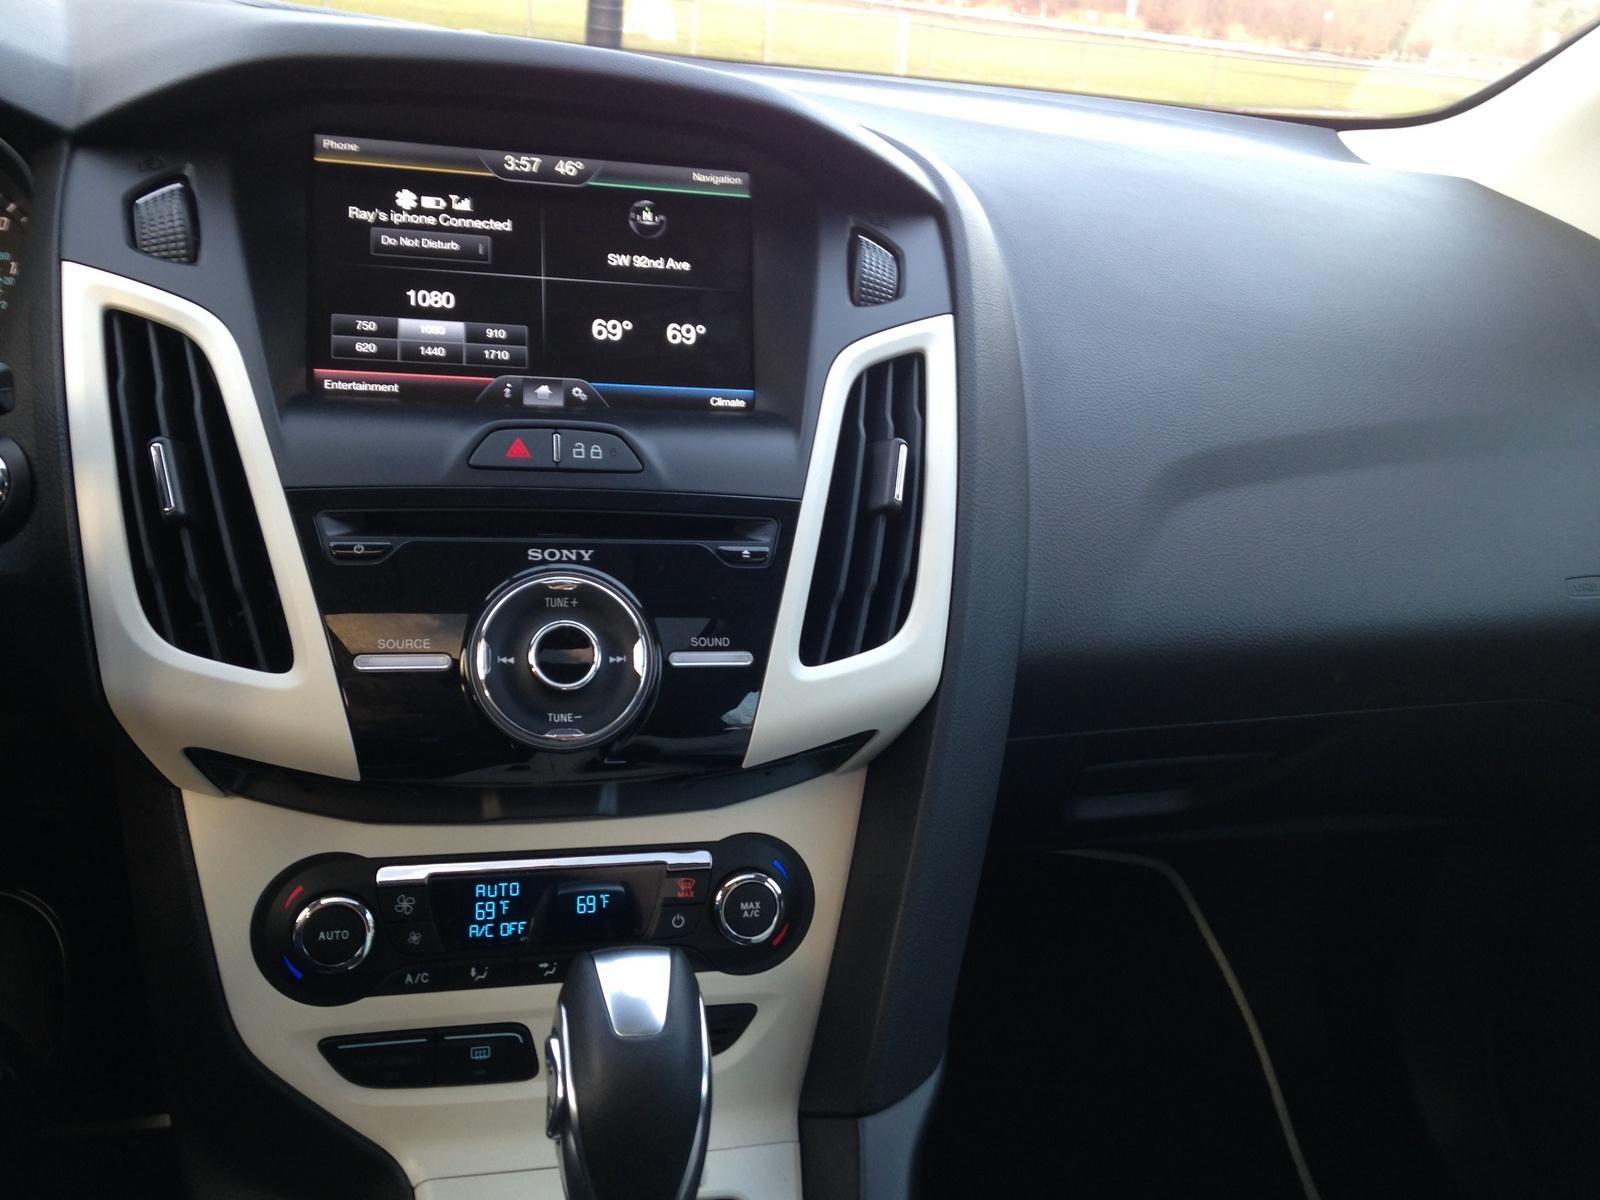 2014 ford focus titanium hatchback 2014 ford focus titanium hatchback - Ford Focus 2014 Hatchback Titanium